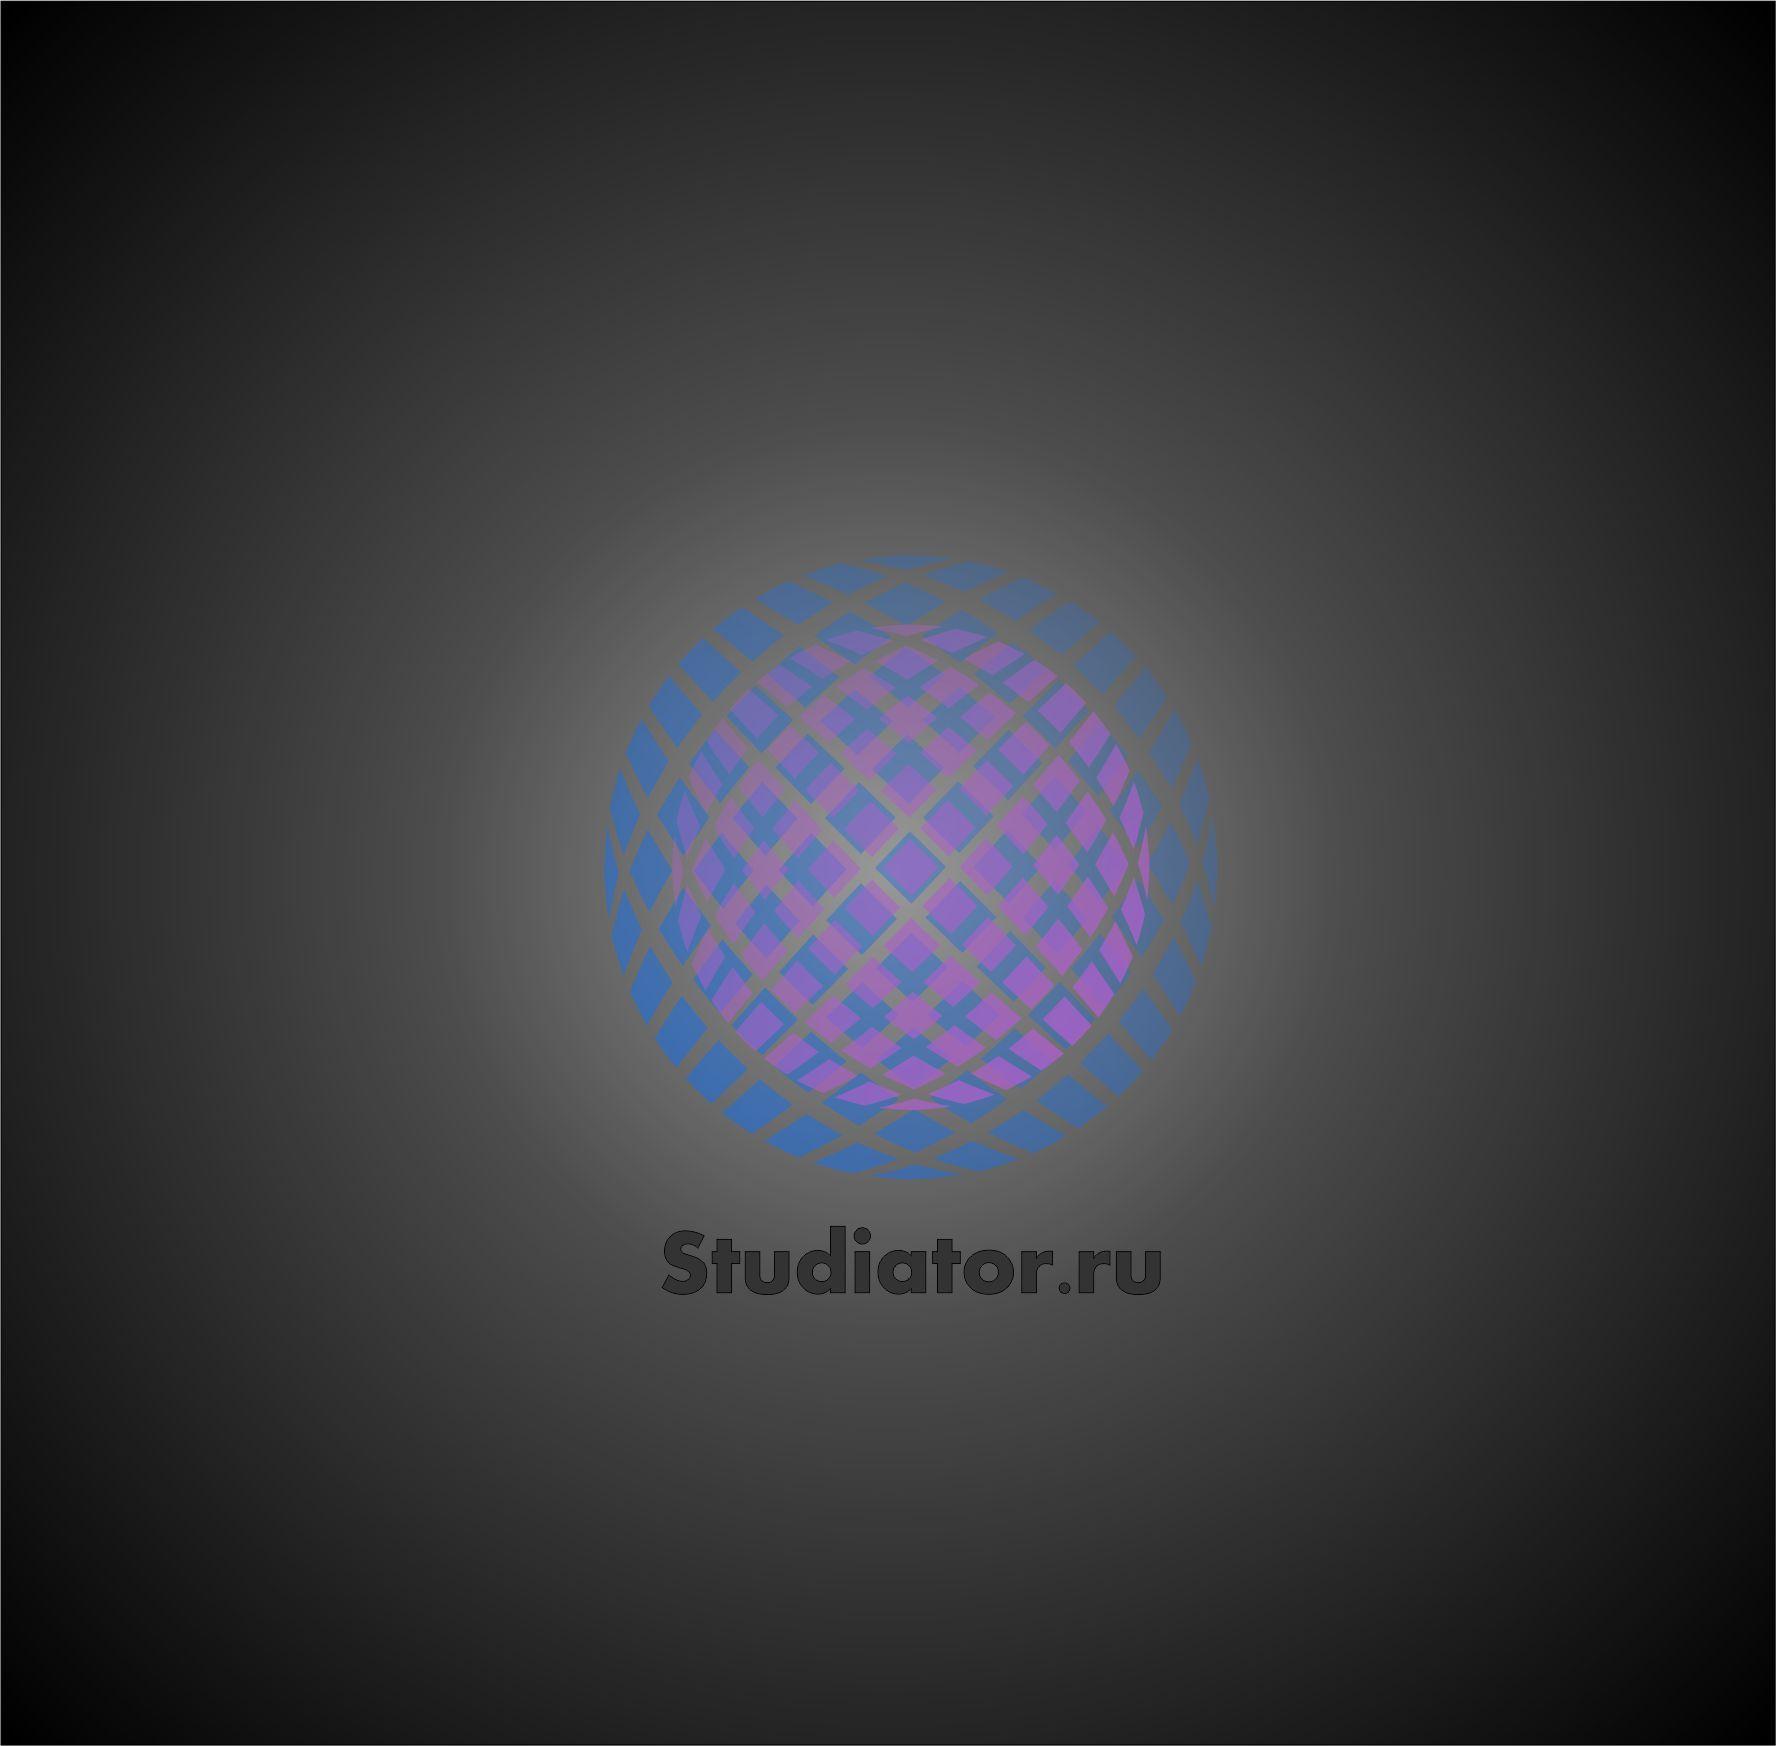 Логотип для каталога студий Веб-дизайна - дизайнер Rikkoto